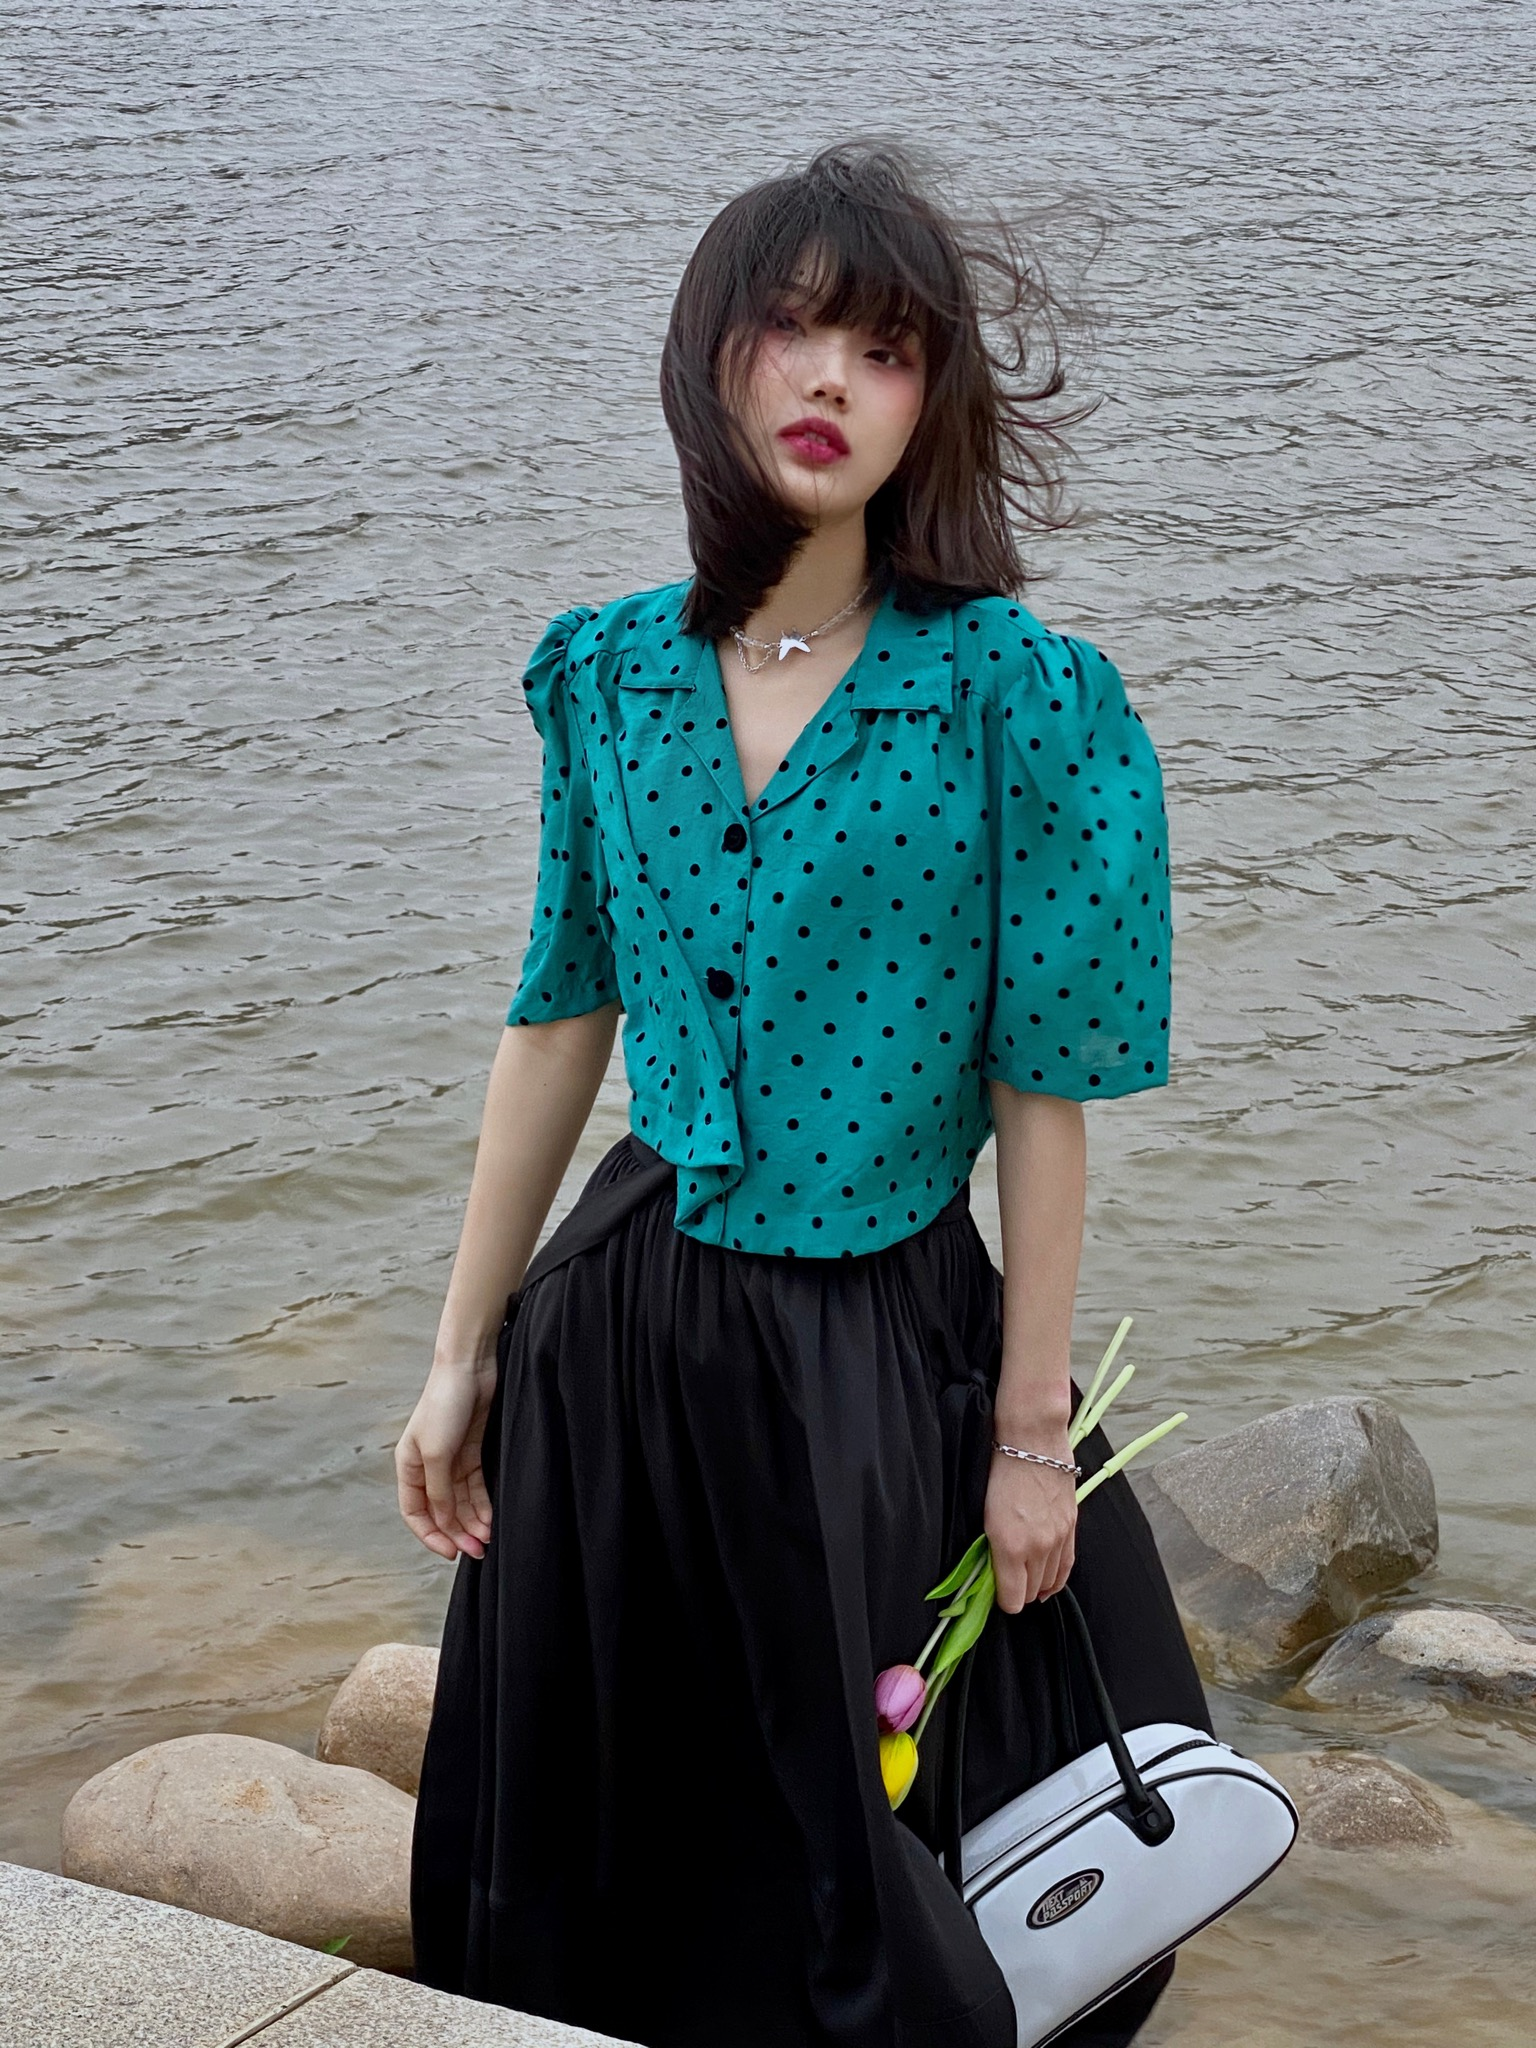 女士短袖衬衣 英雄所lvetong原创宫廷感泡泡袖孔雀绿波点短袖衬衫复古少女小众_推荐淘宝好看的女短袖衬衣